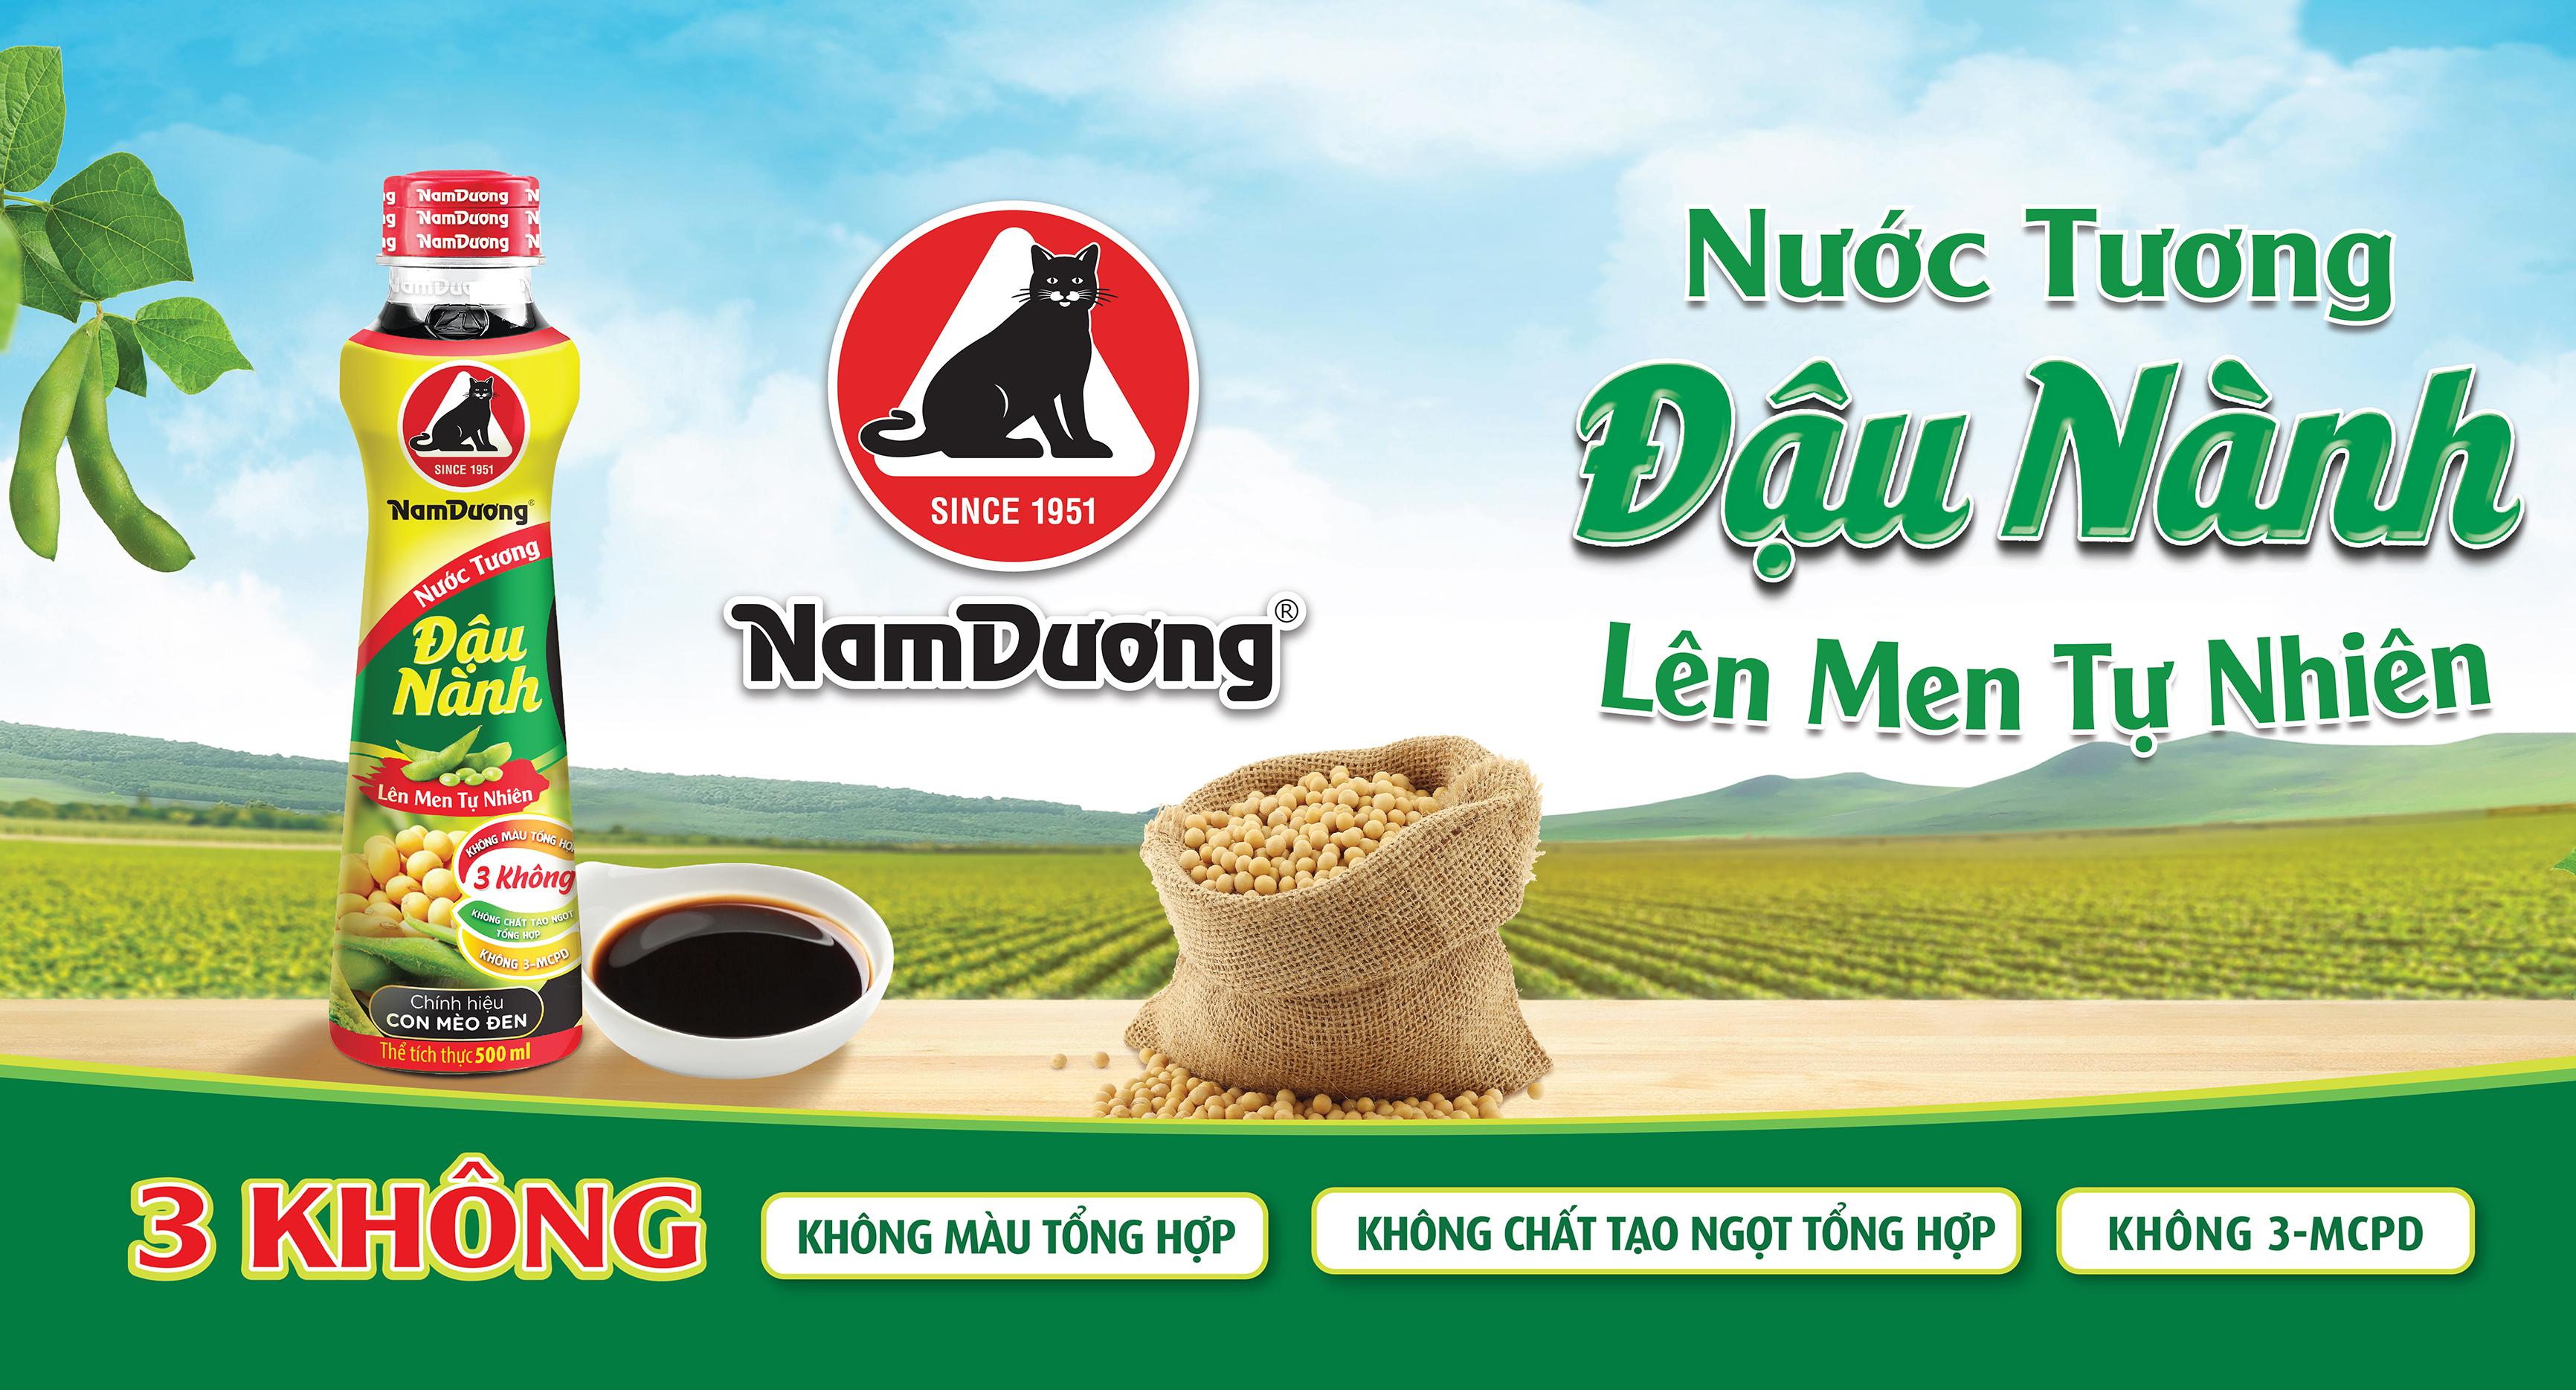 https://namduong.com.vn/wp-content/uploads/2021/01/Pop-up-tiếng-Việt_4000_2158_vv.jpg